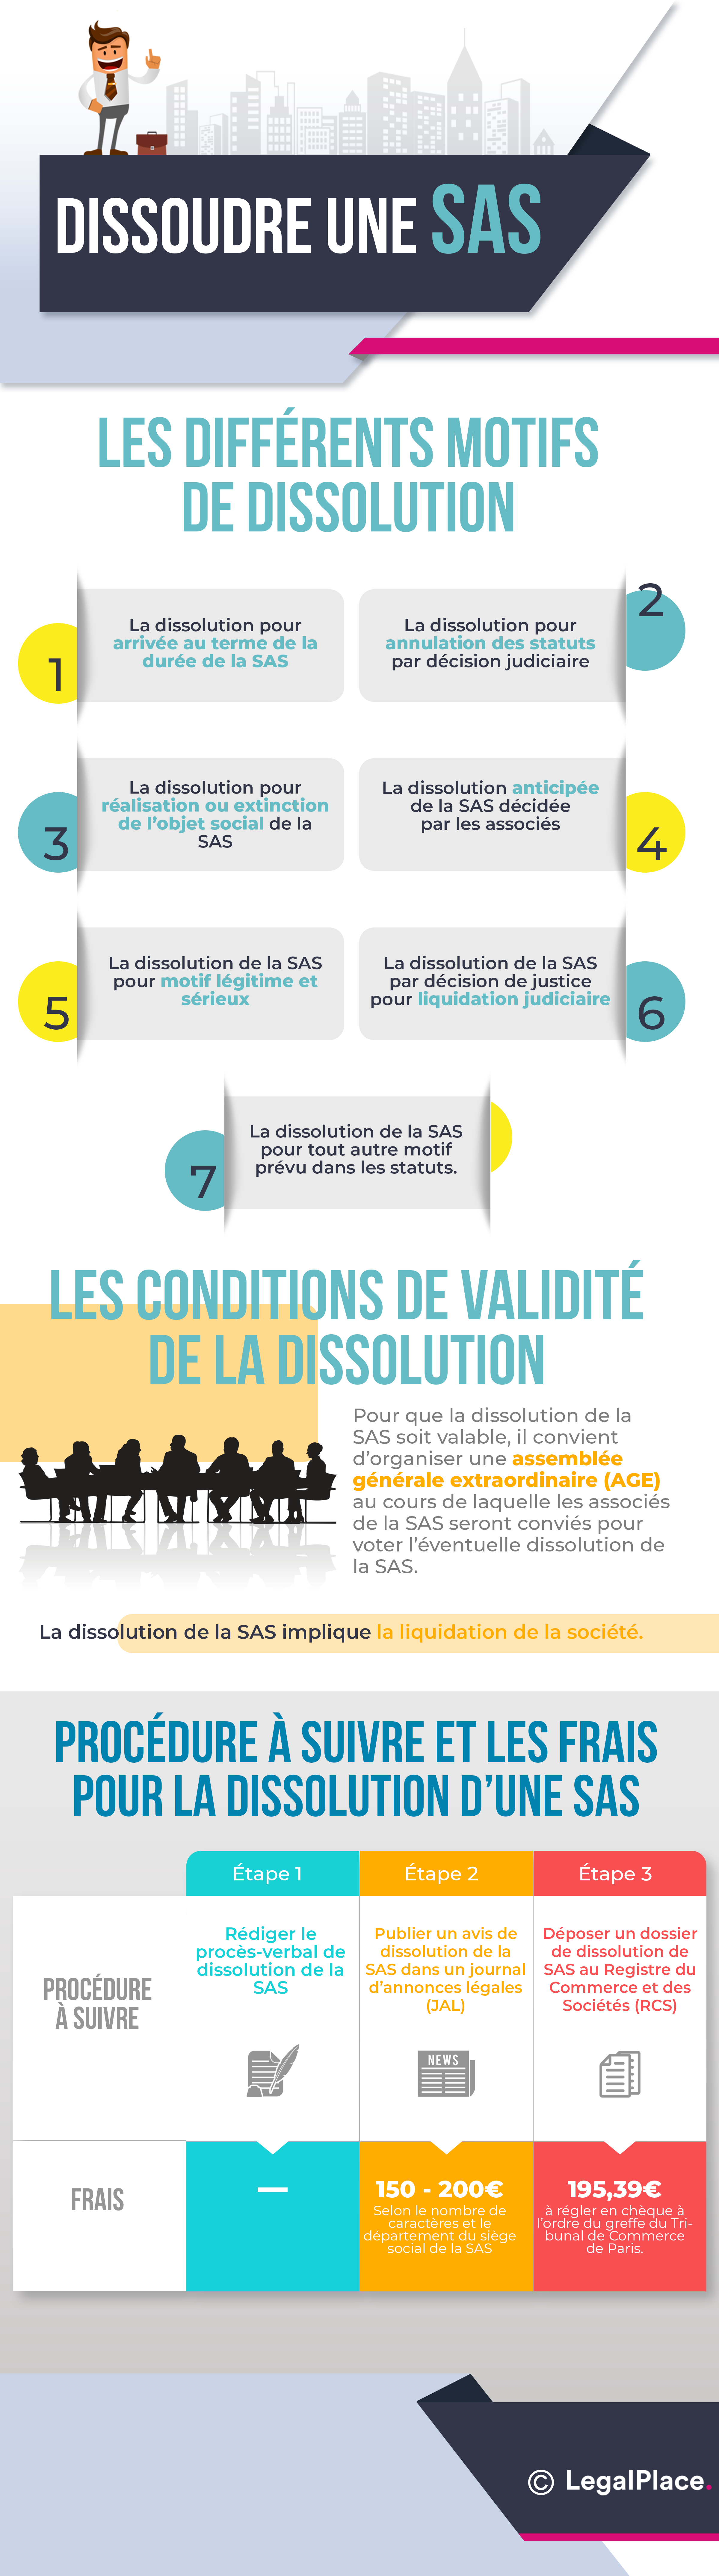 Infographie - Dissolution d'une SAS